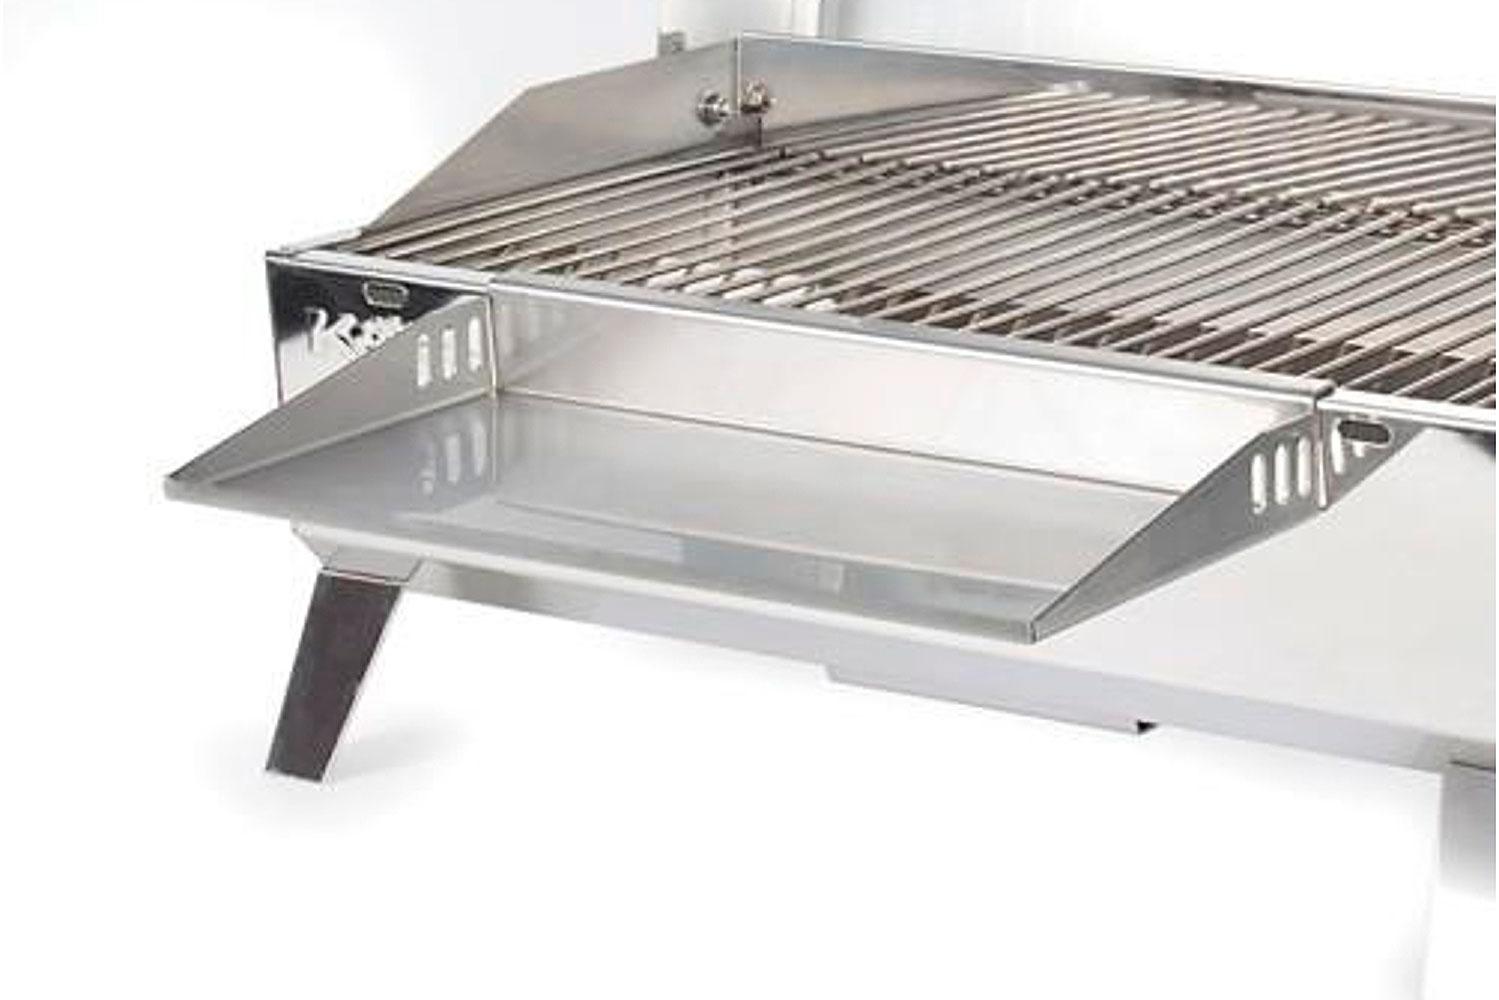 Relingshalter  Halterung für MAGMA Relingsgrill Bordgrill Grill